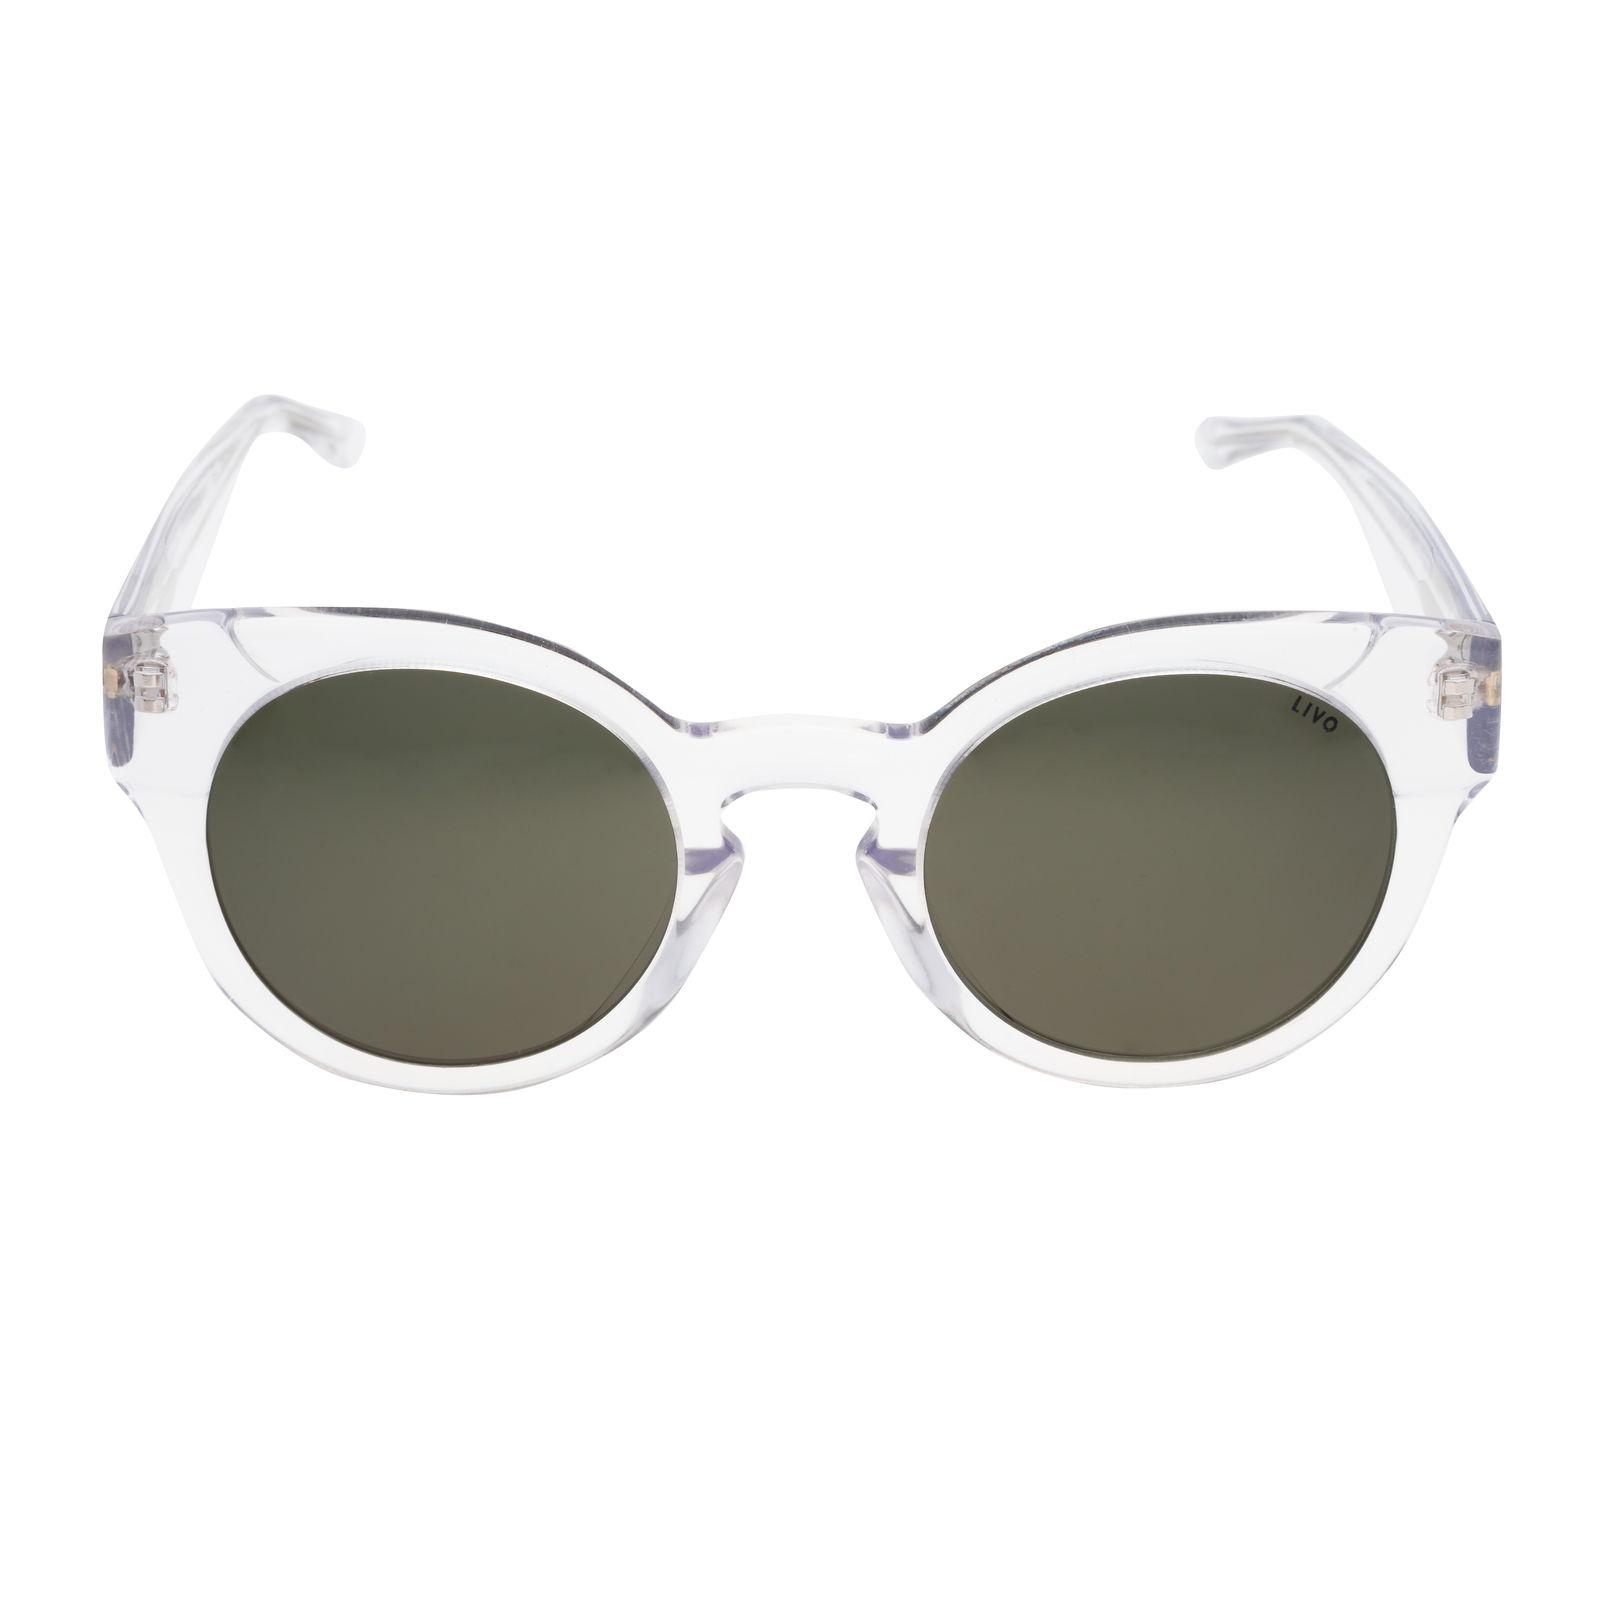 7c72c9fc99b93 Quem não tem colírio  Descubra 6 marcas de óculos de sol que você ...